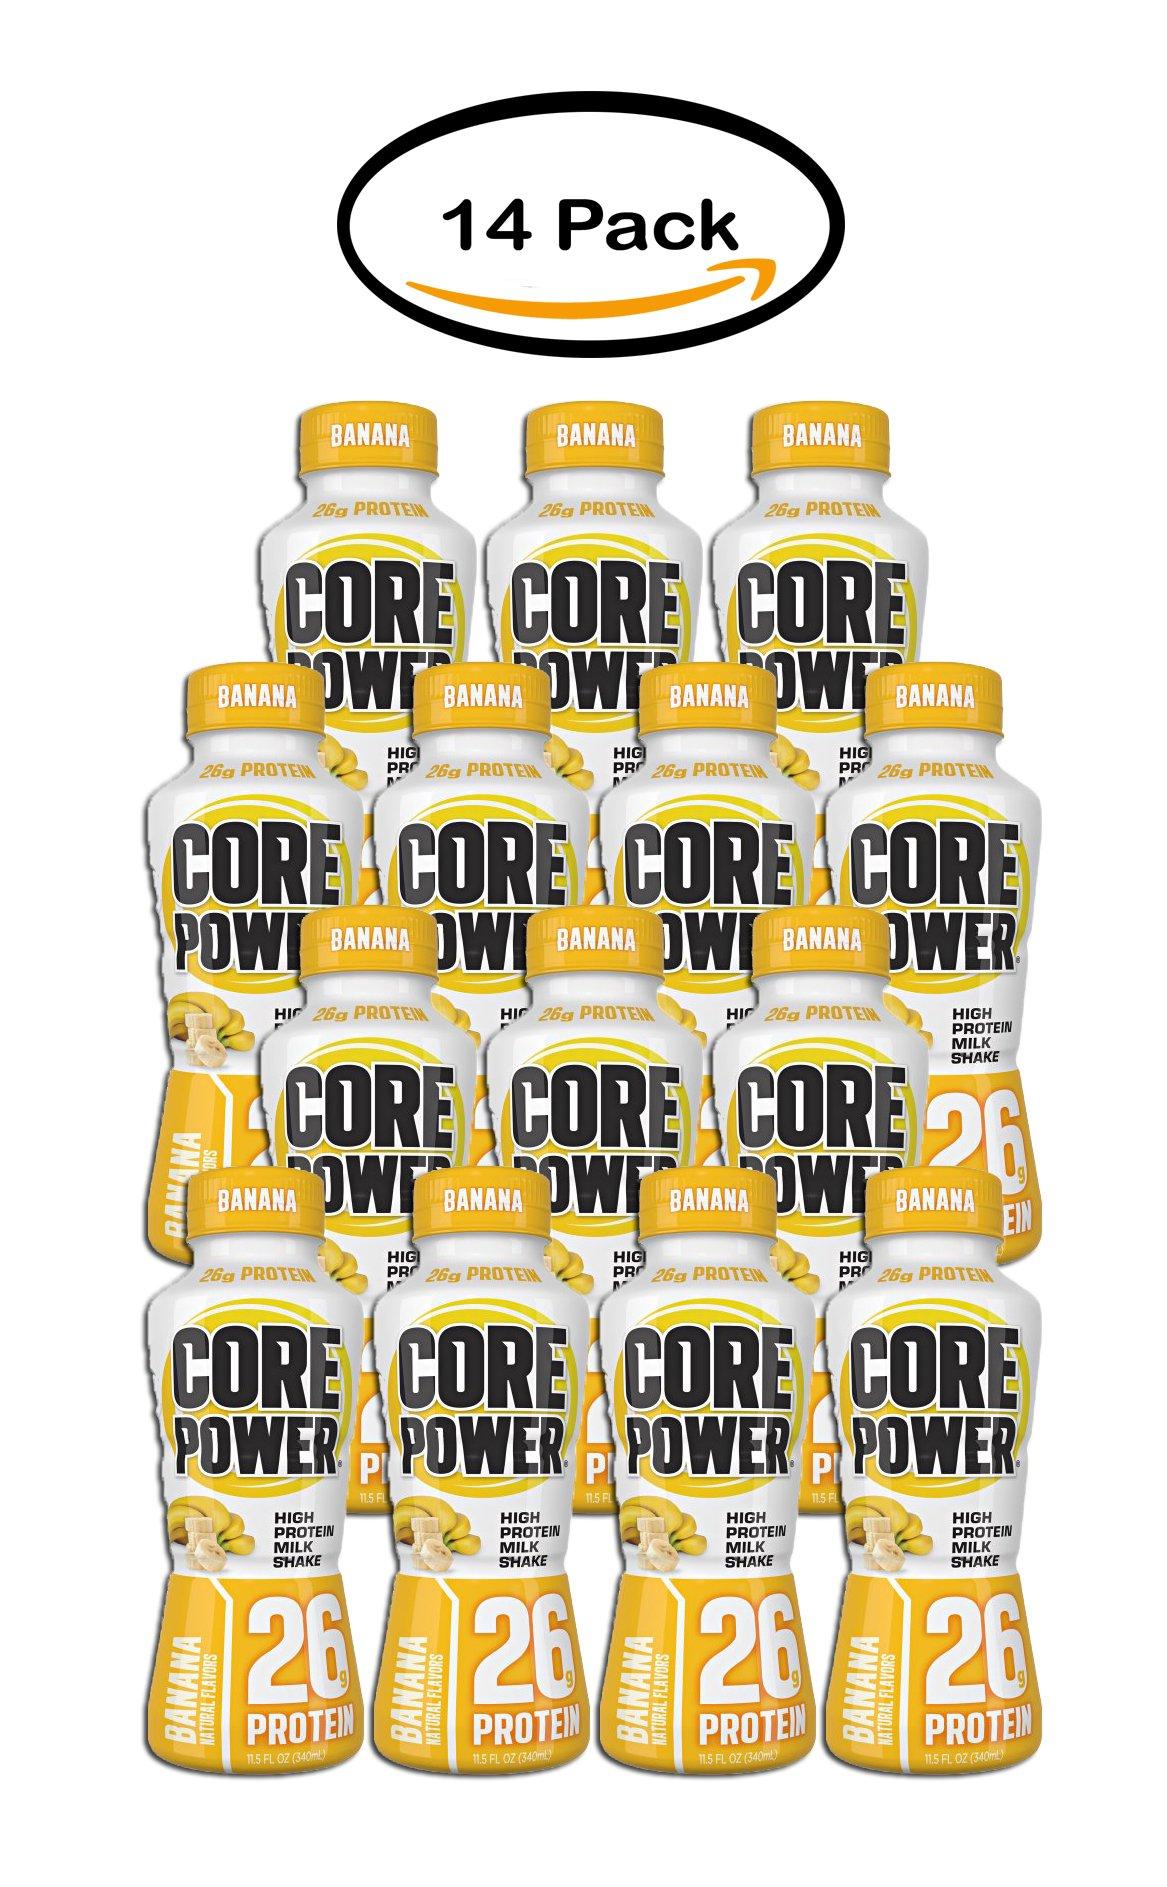 PACK OF 14 - Core Power® Banana High Protein Milk Shake 11.5 fl. oz. Plastic Bottle